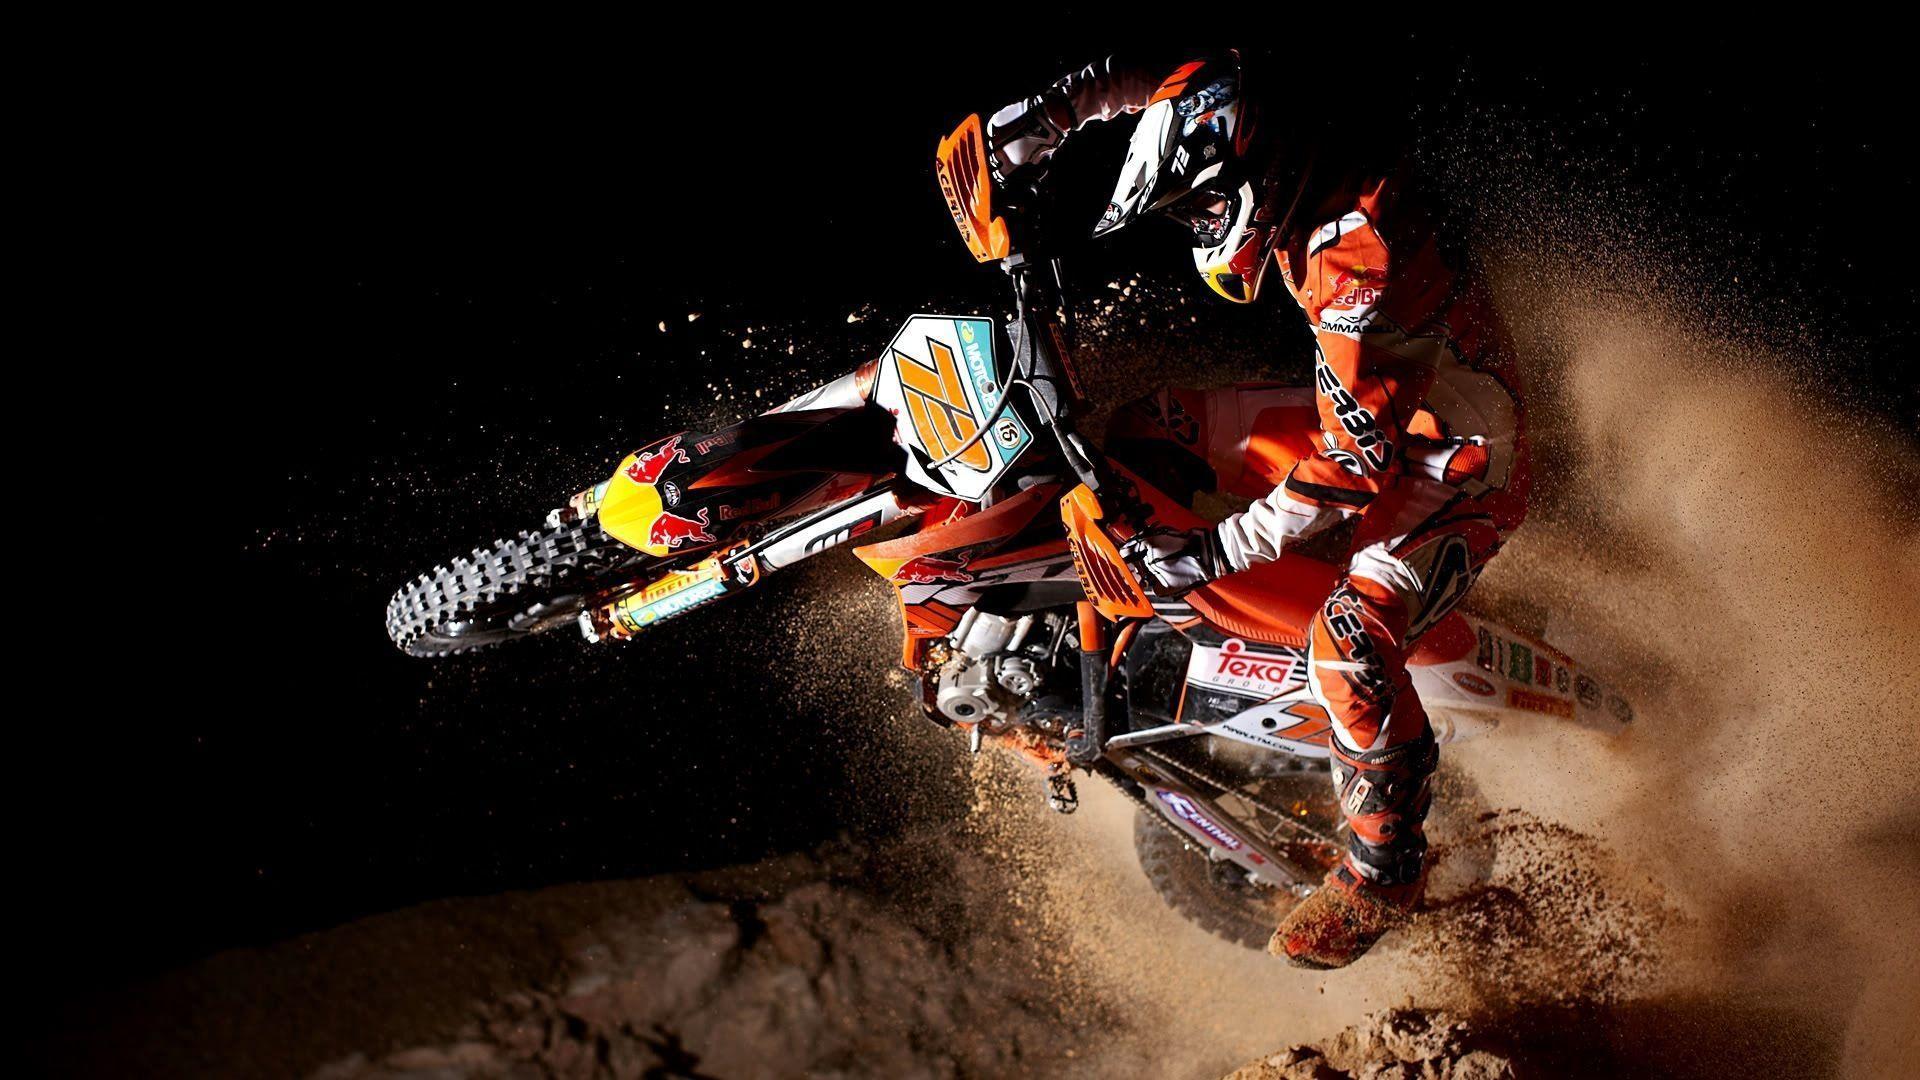 Motocross KTM Bike HD Wallpapers 4 | Motocross KTM Bike HD ...